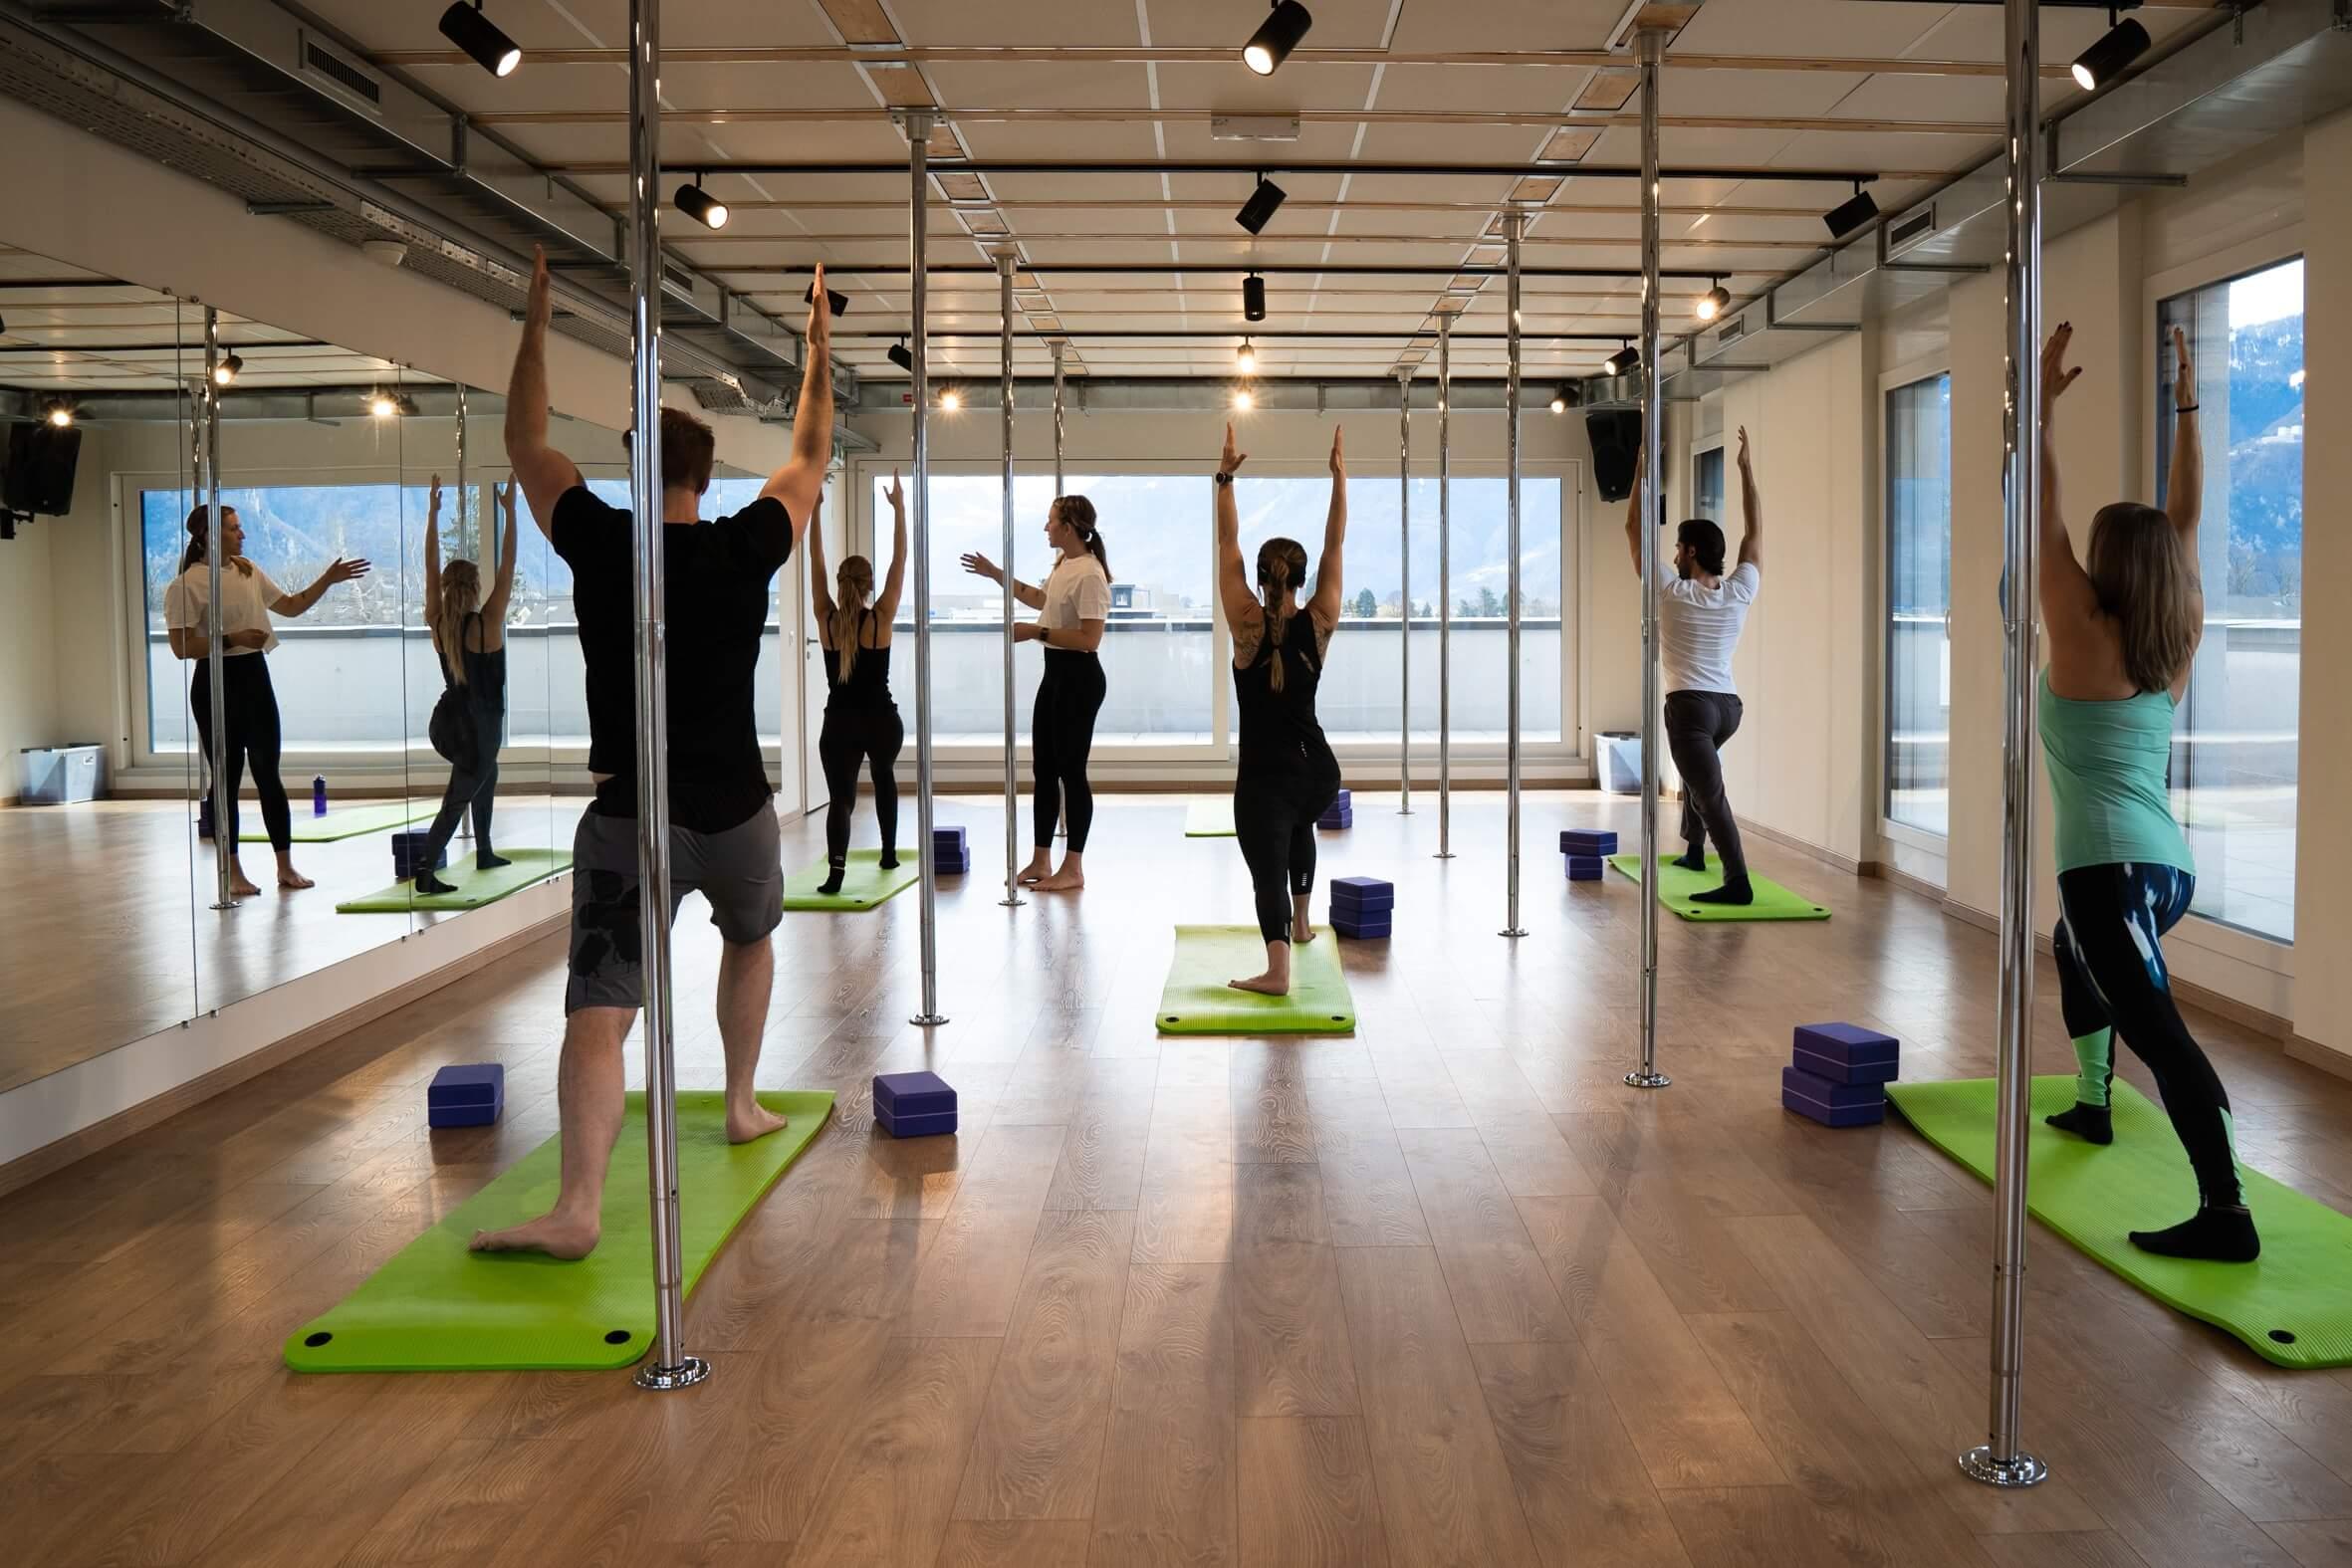 cours-yoga-fitness-villeneuve-vaud-athletics-center-3